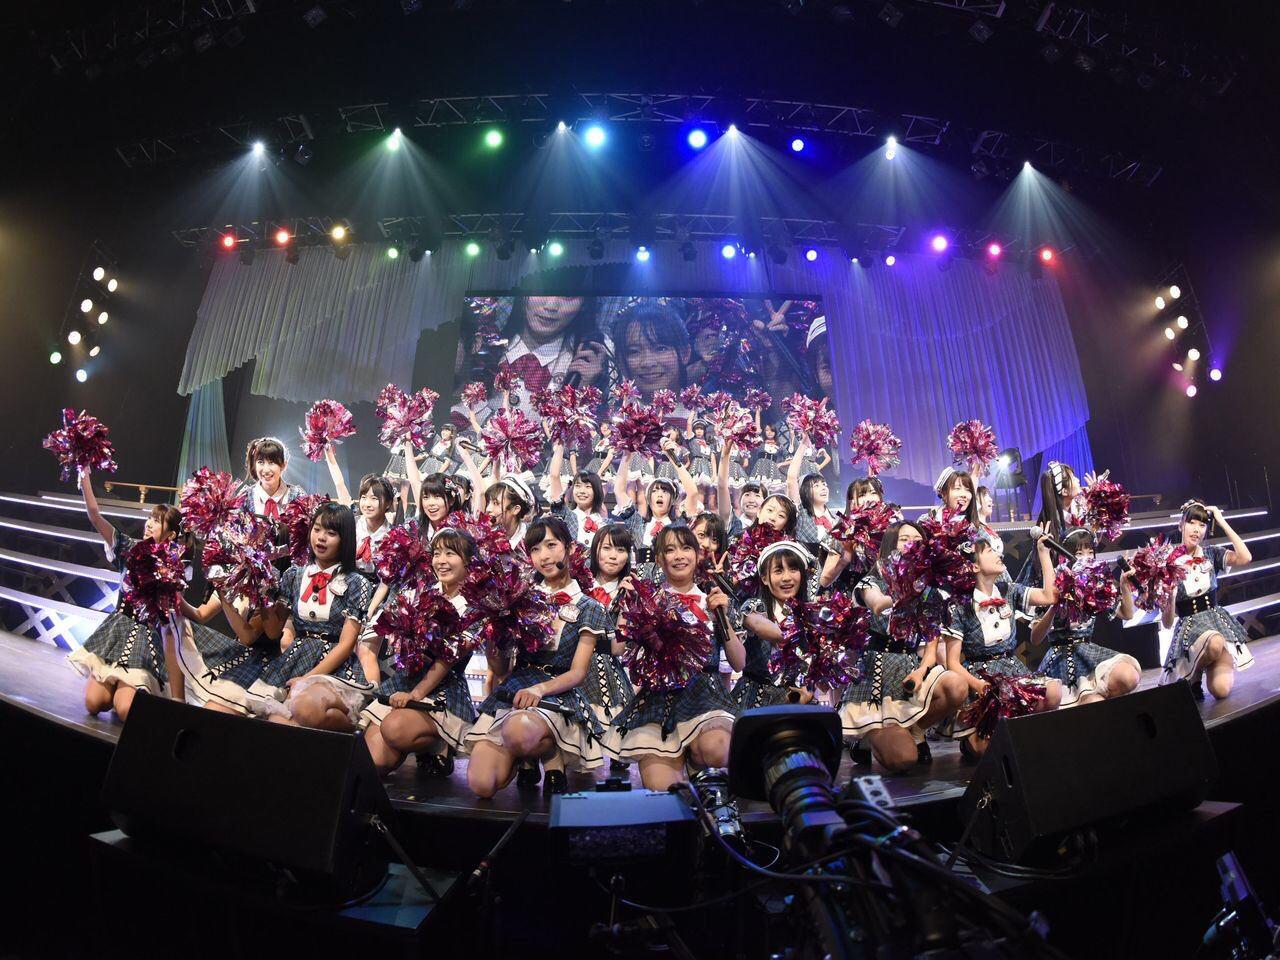 乃木坂しか知らないヲタが、チーム8のコンサートに行った結果wwwwwwwww